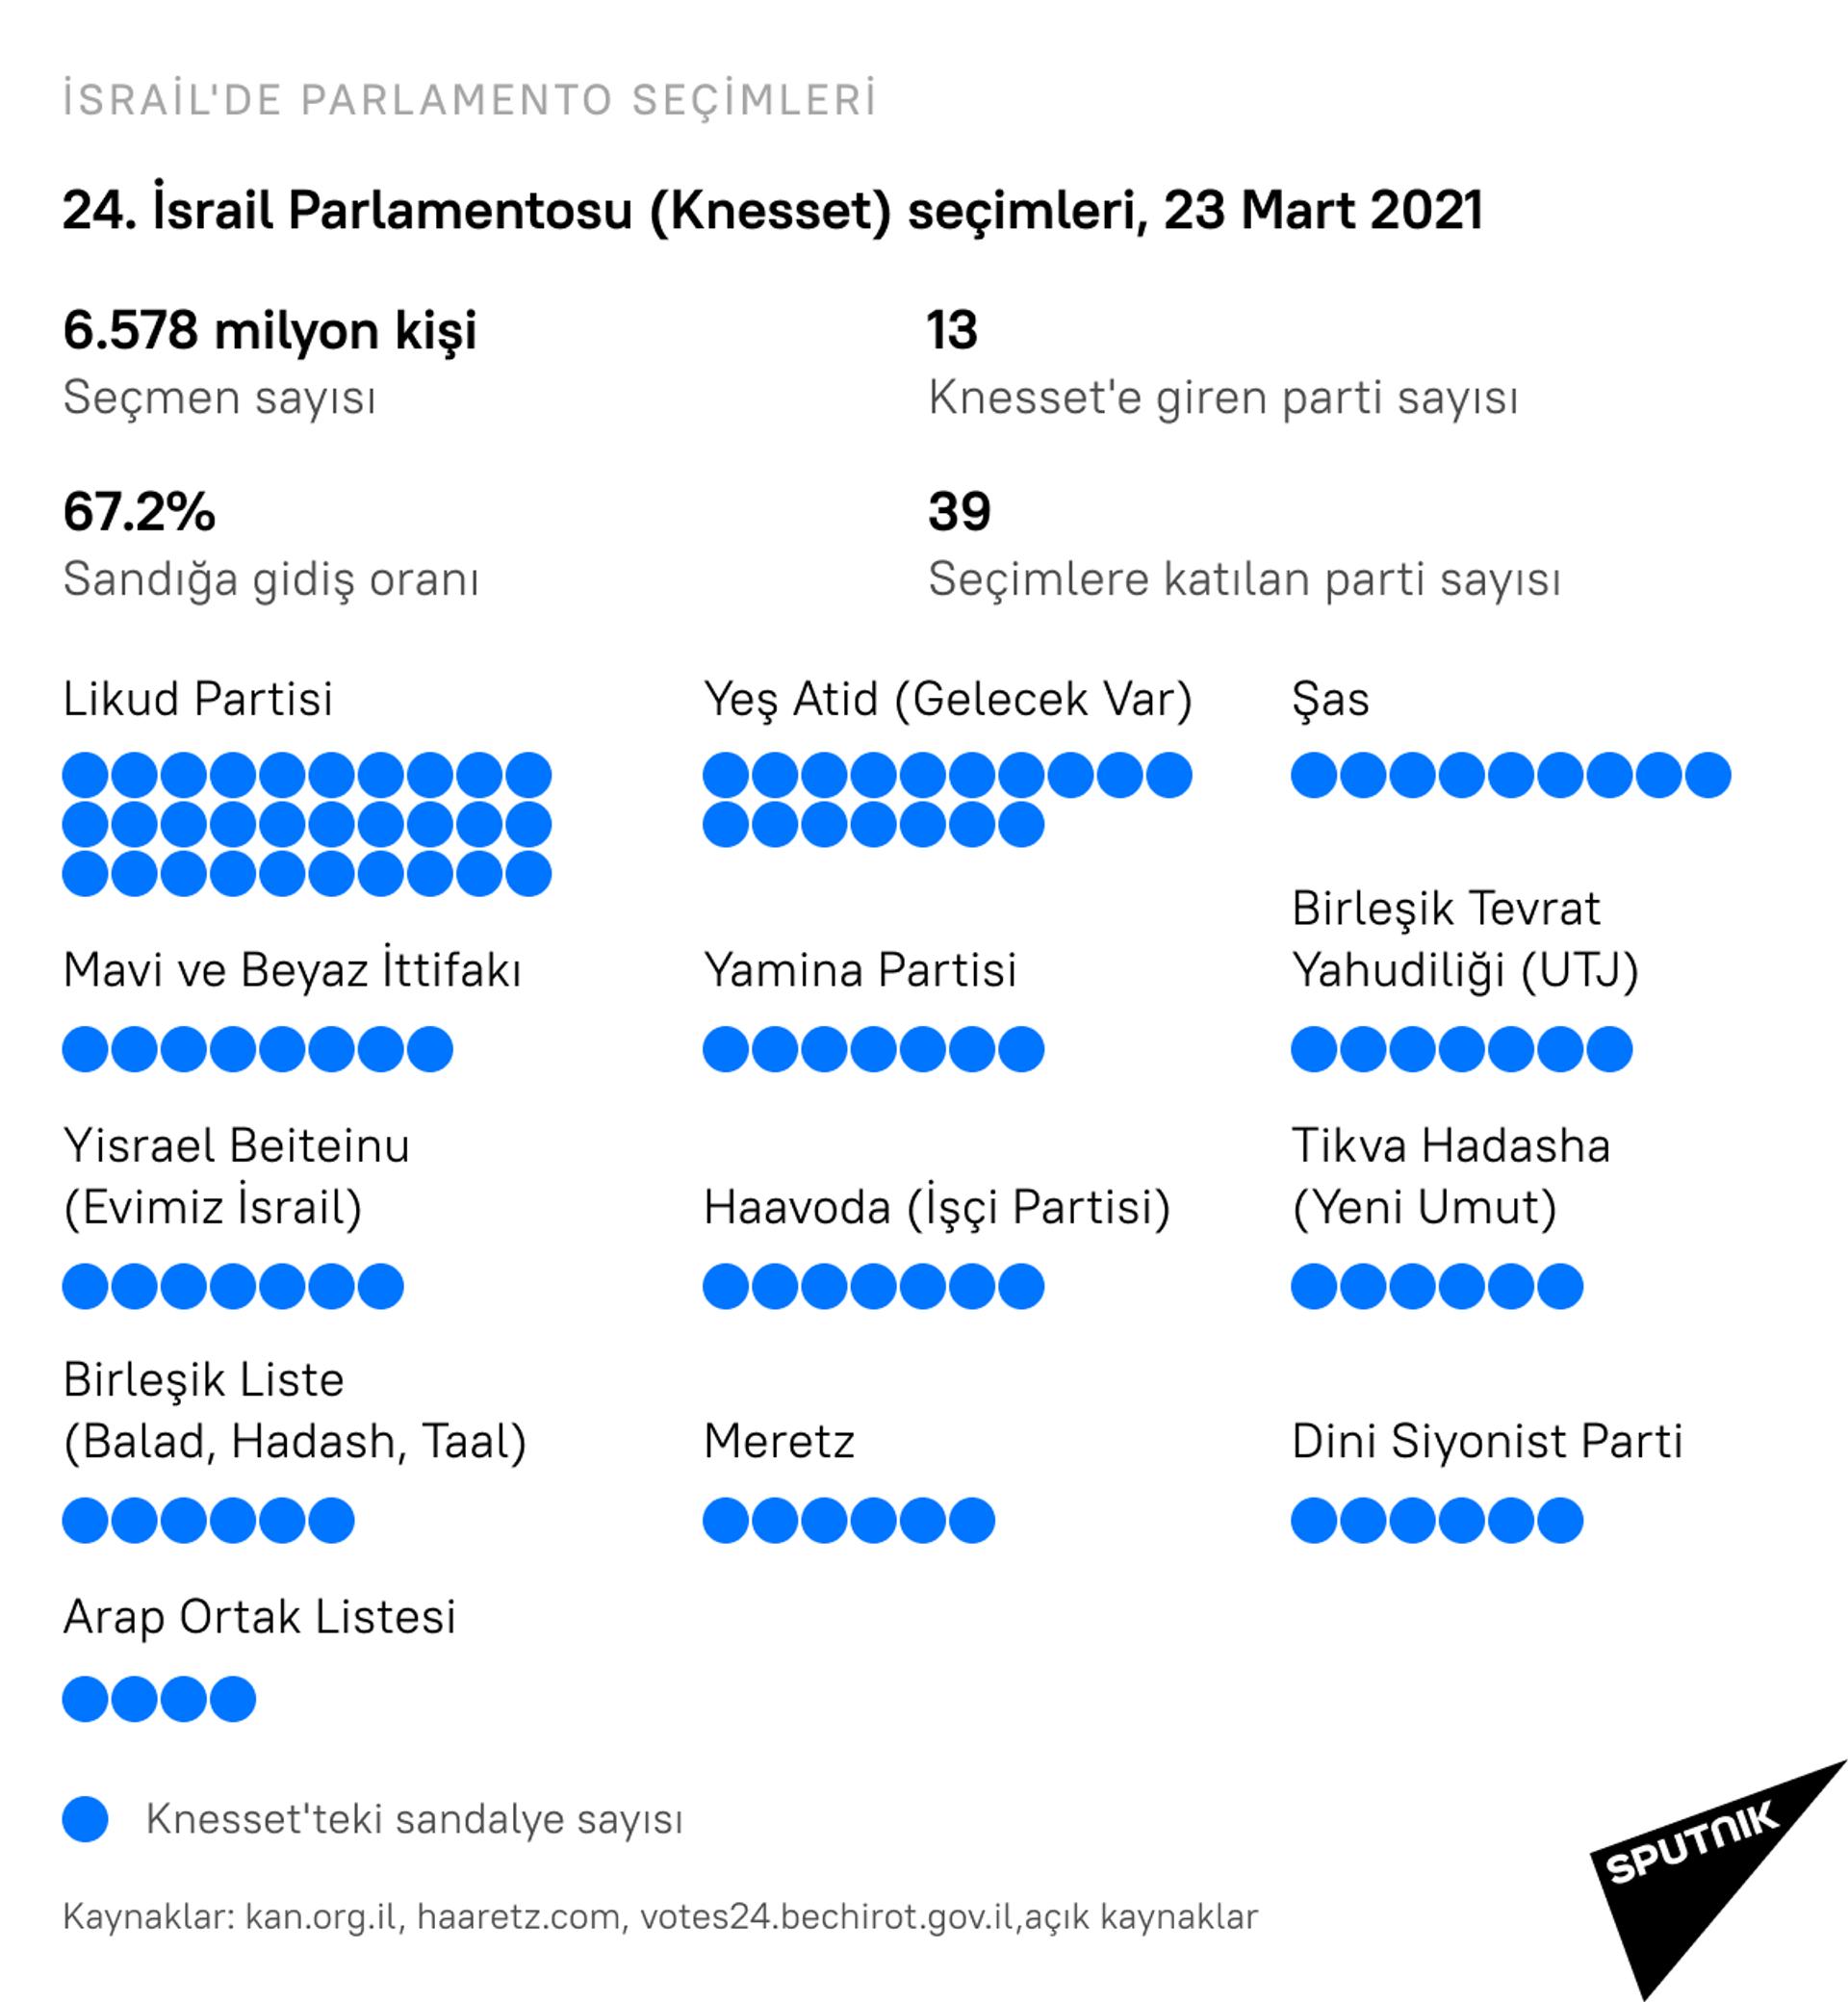 İsrail'de parlamento seçimleri - Sputnik Türkiye, 1920, 26.03.2021